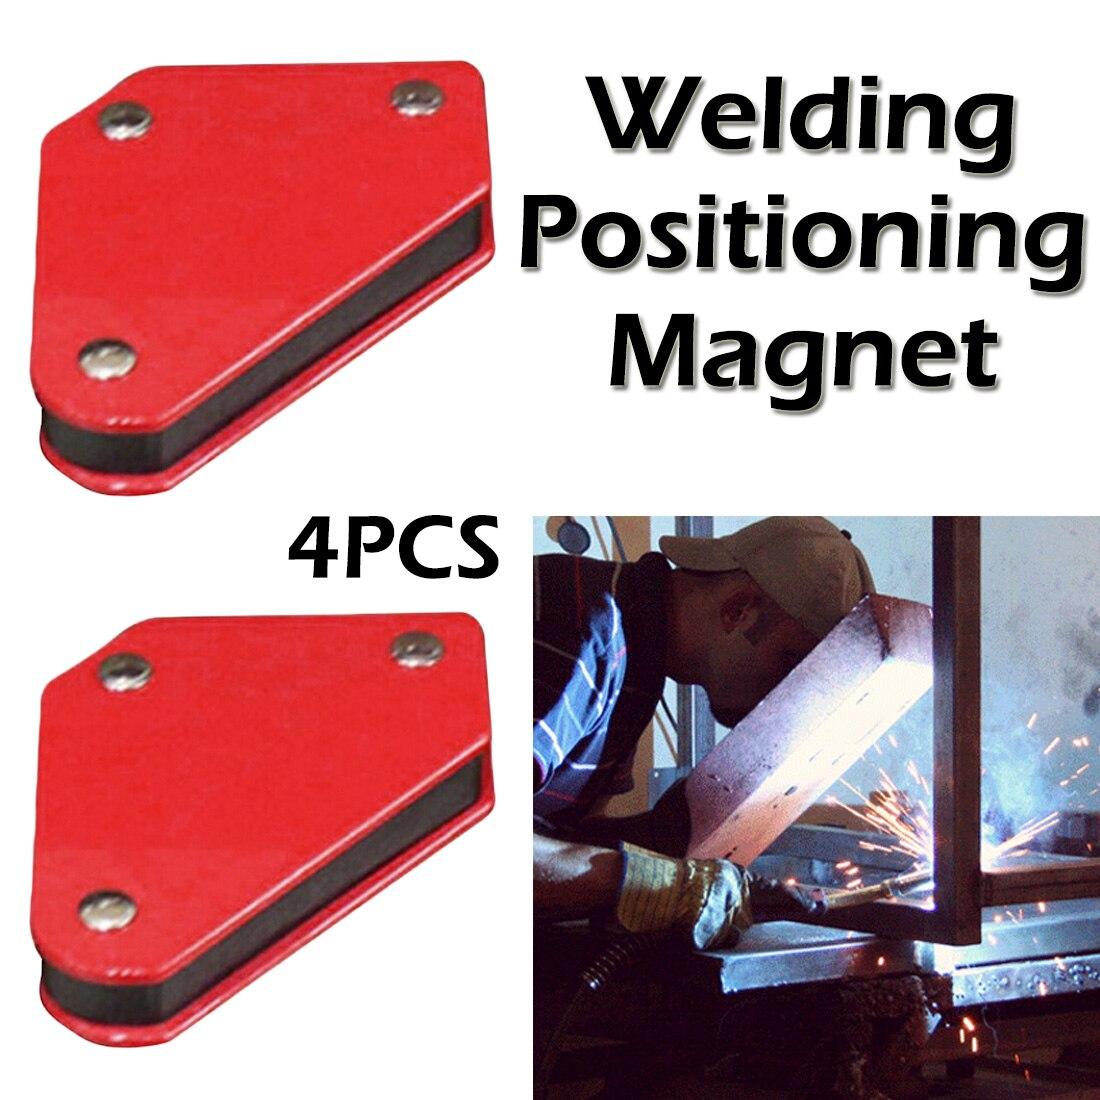 Triângulo posicionador de soldagem 4 pces 9lb magnético ângulo fixo ferramentas localizador de solda sem interruptor acessórios de soldagem